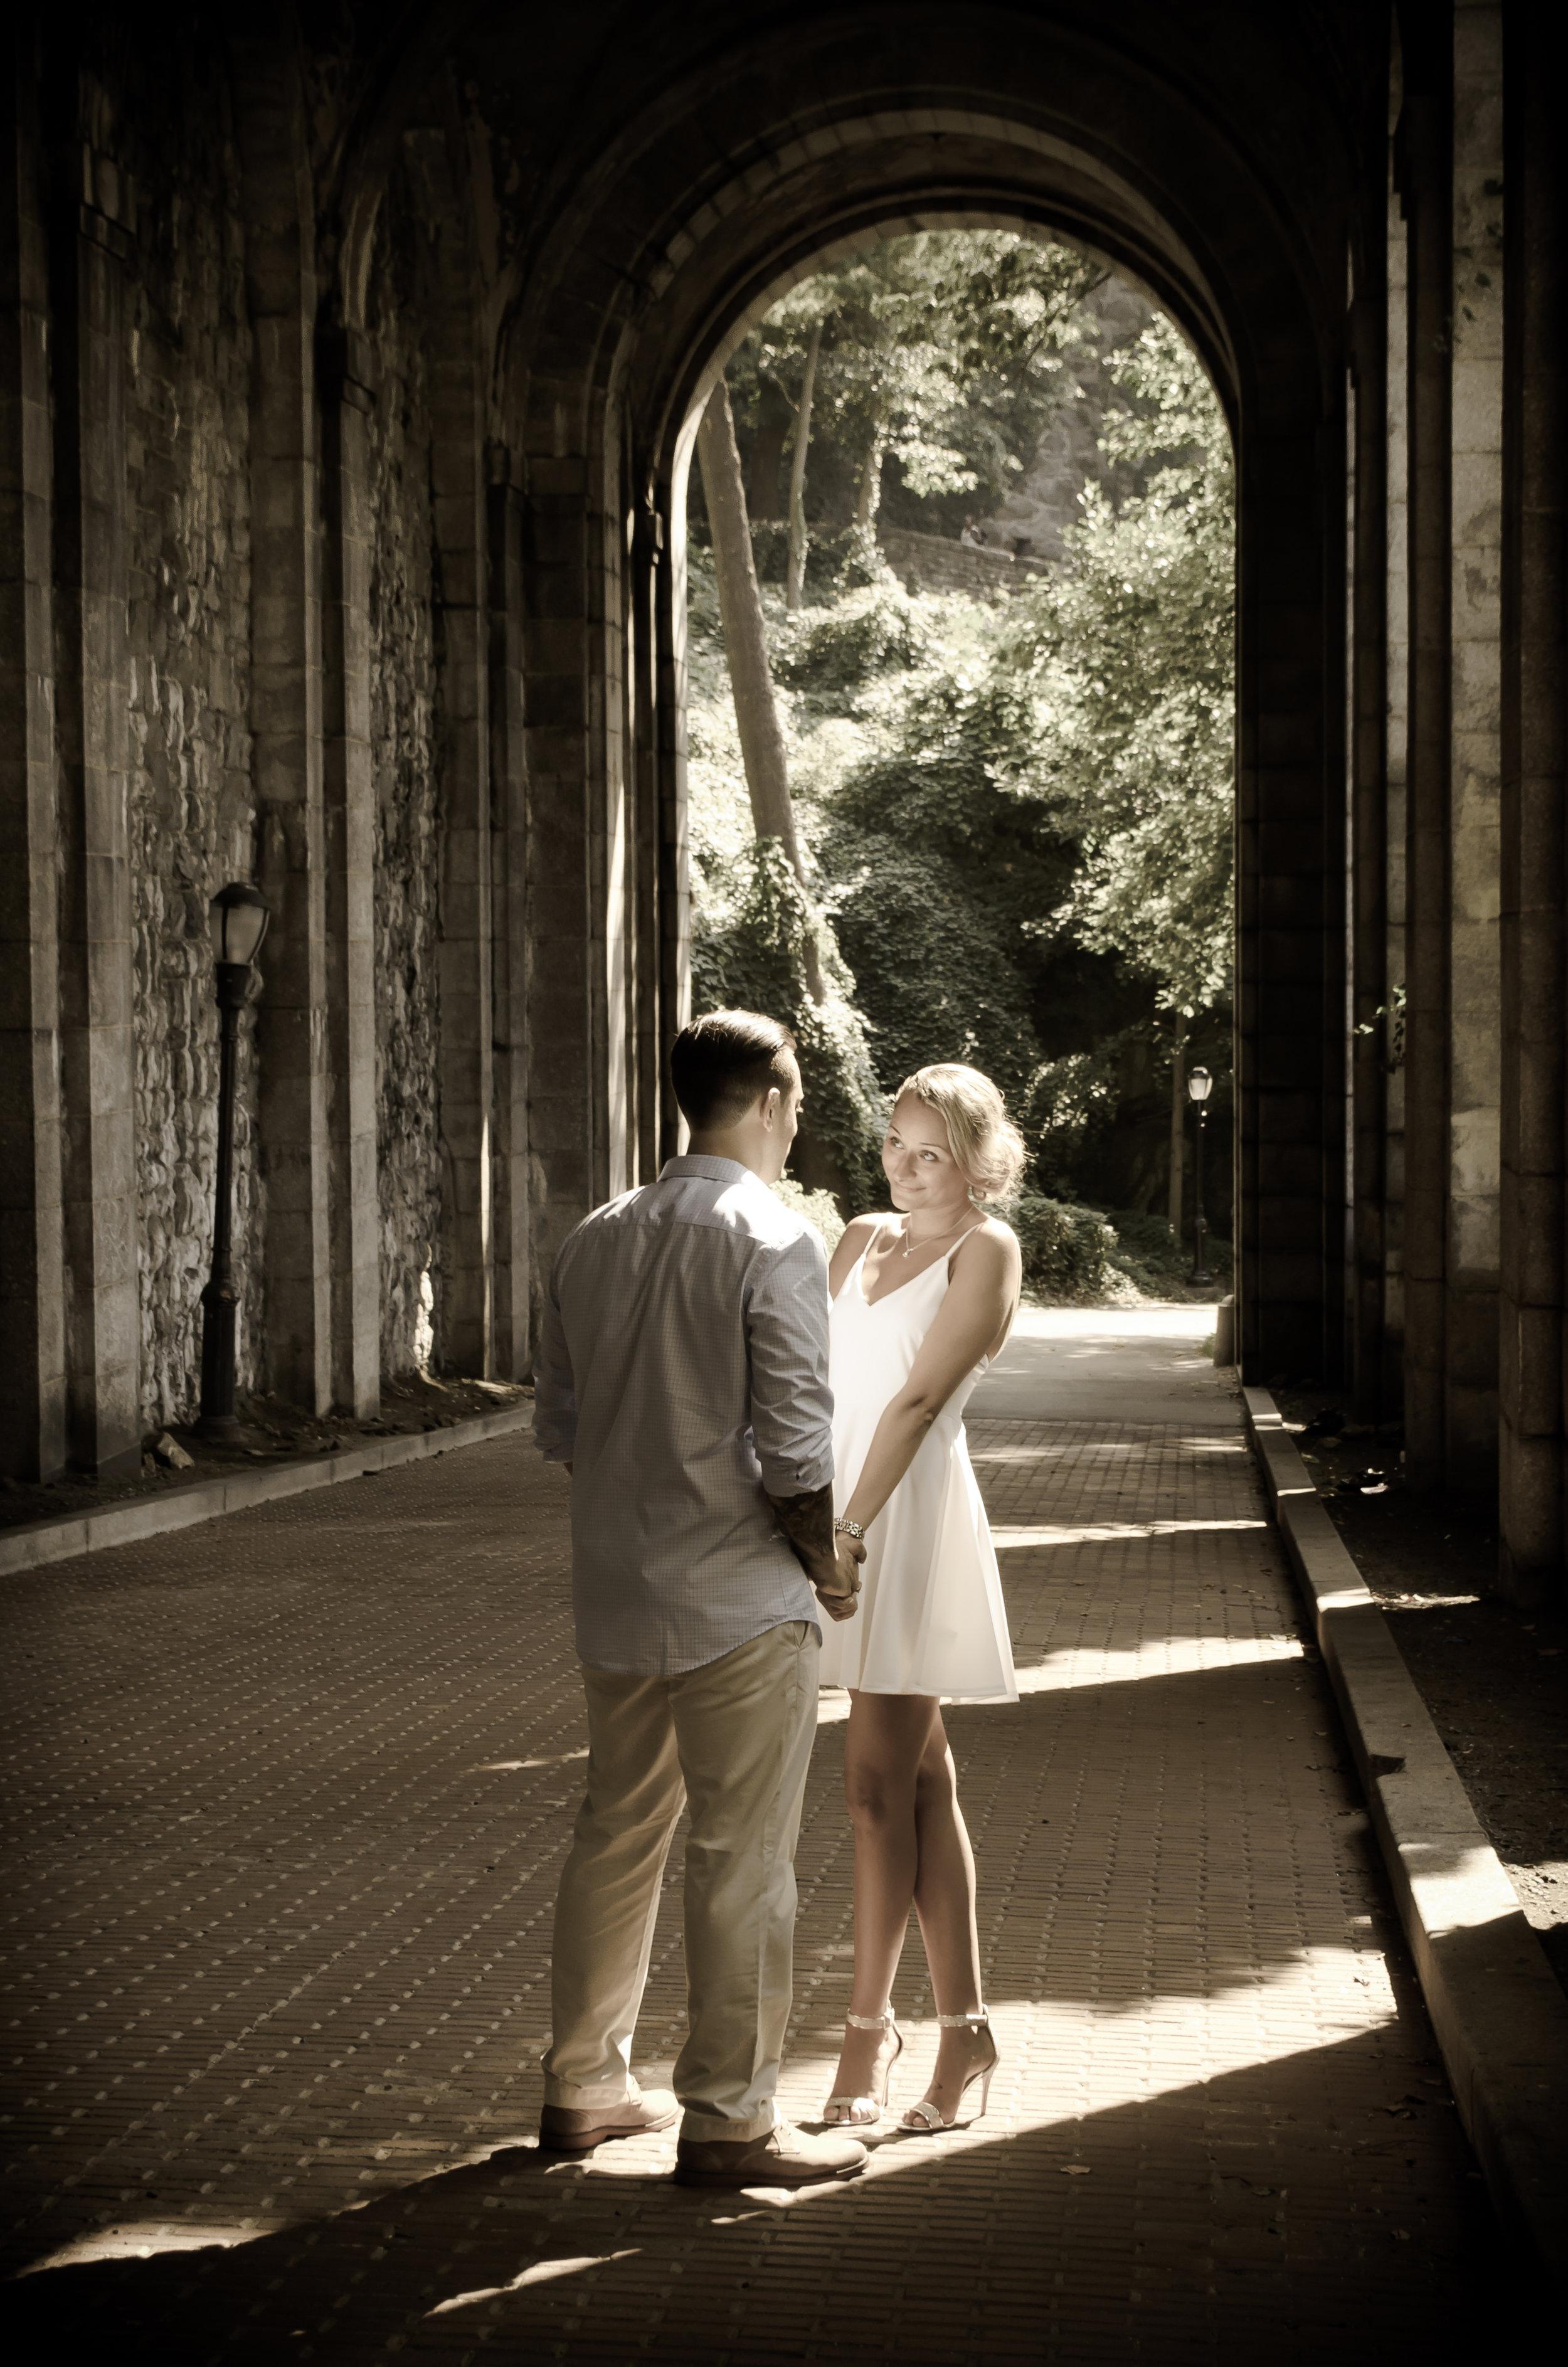 CArrieWestonStudios_NY_Portrait_Wedding_Photography_Northport_JoeandSarah-22.jpg